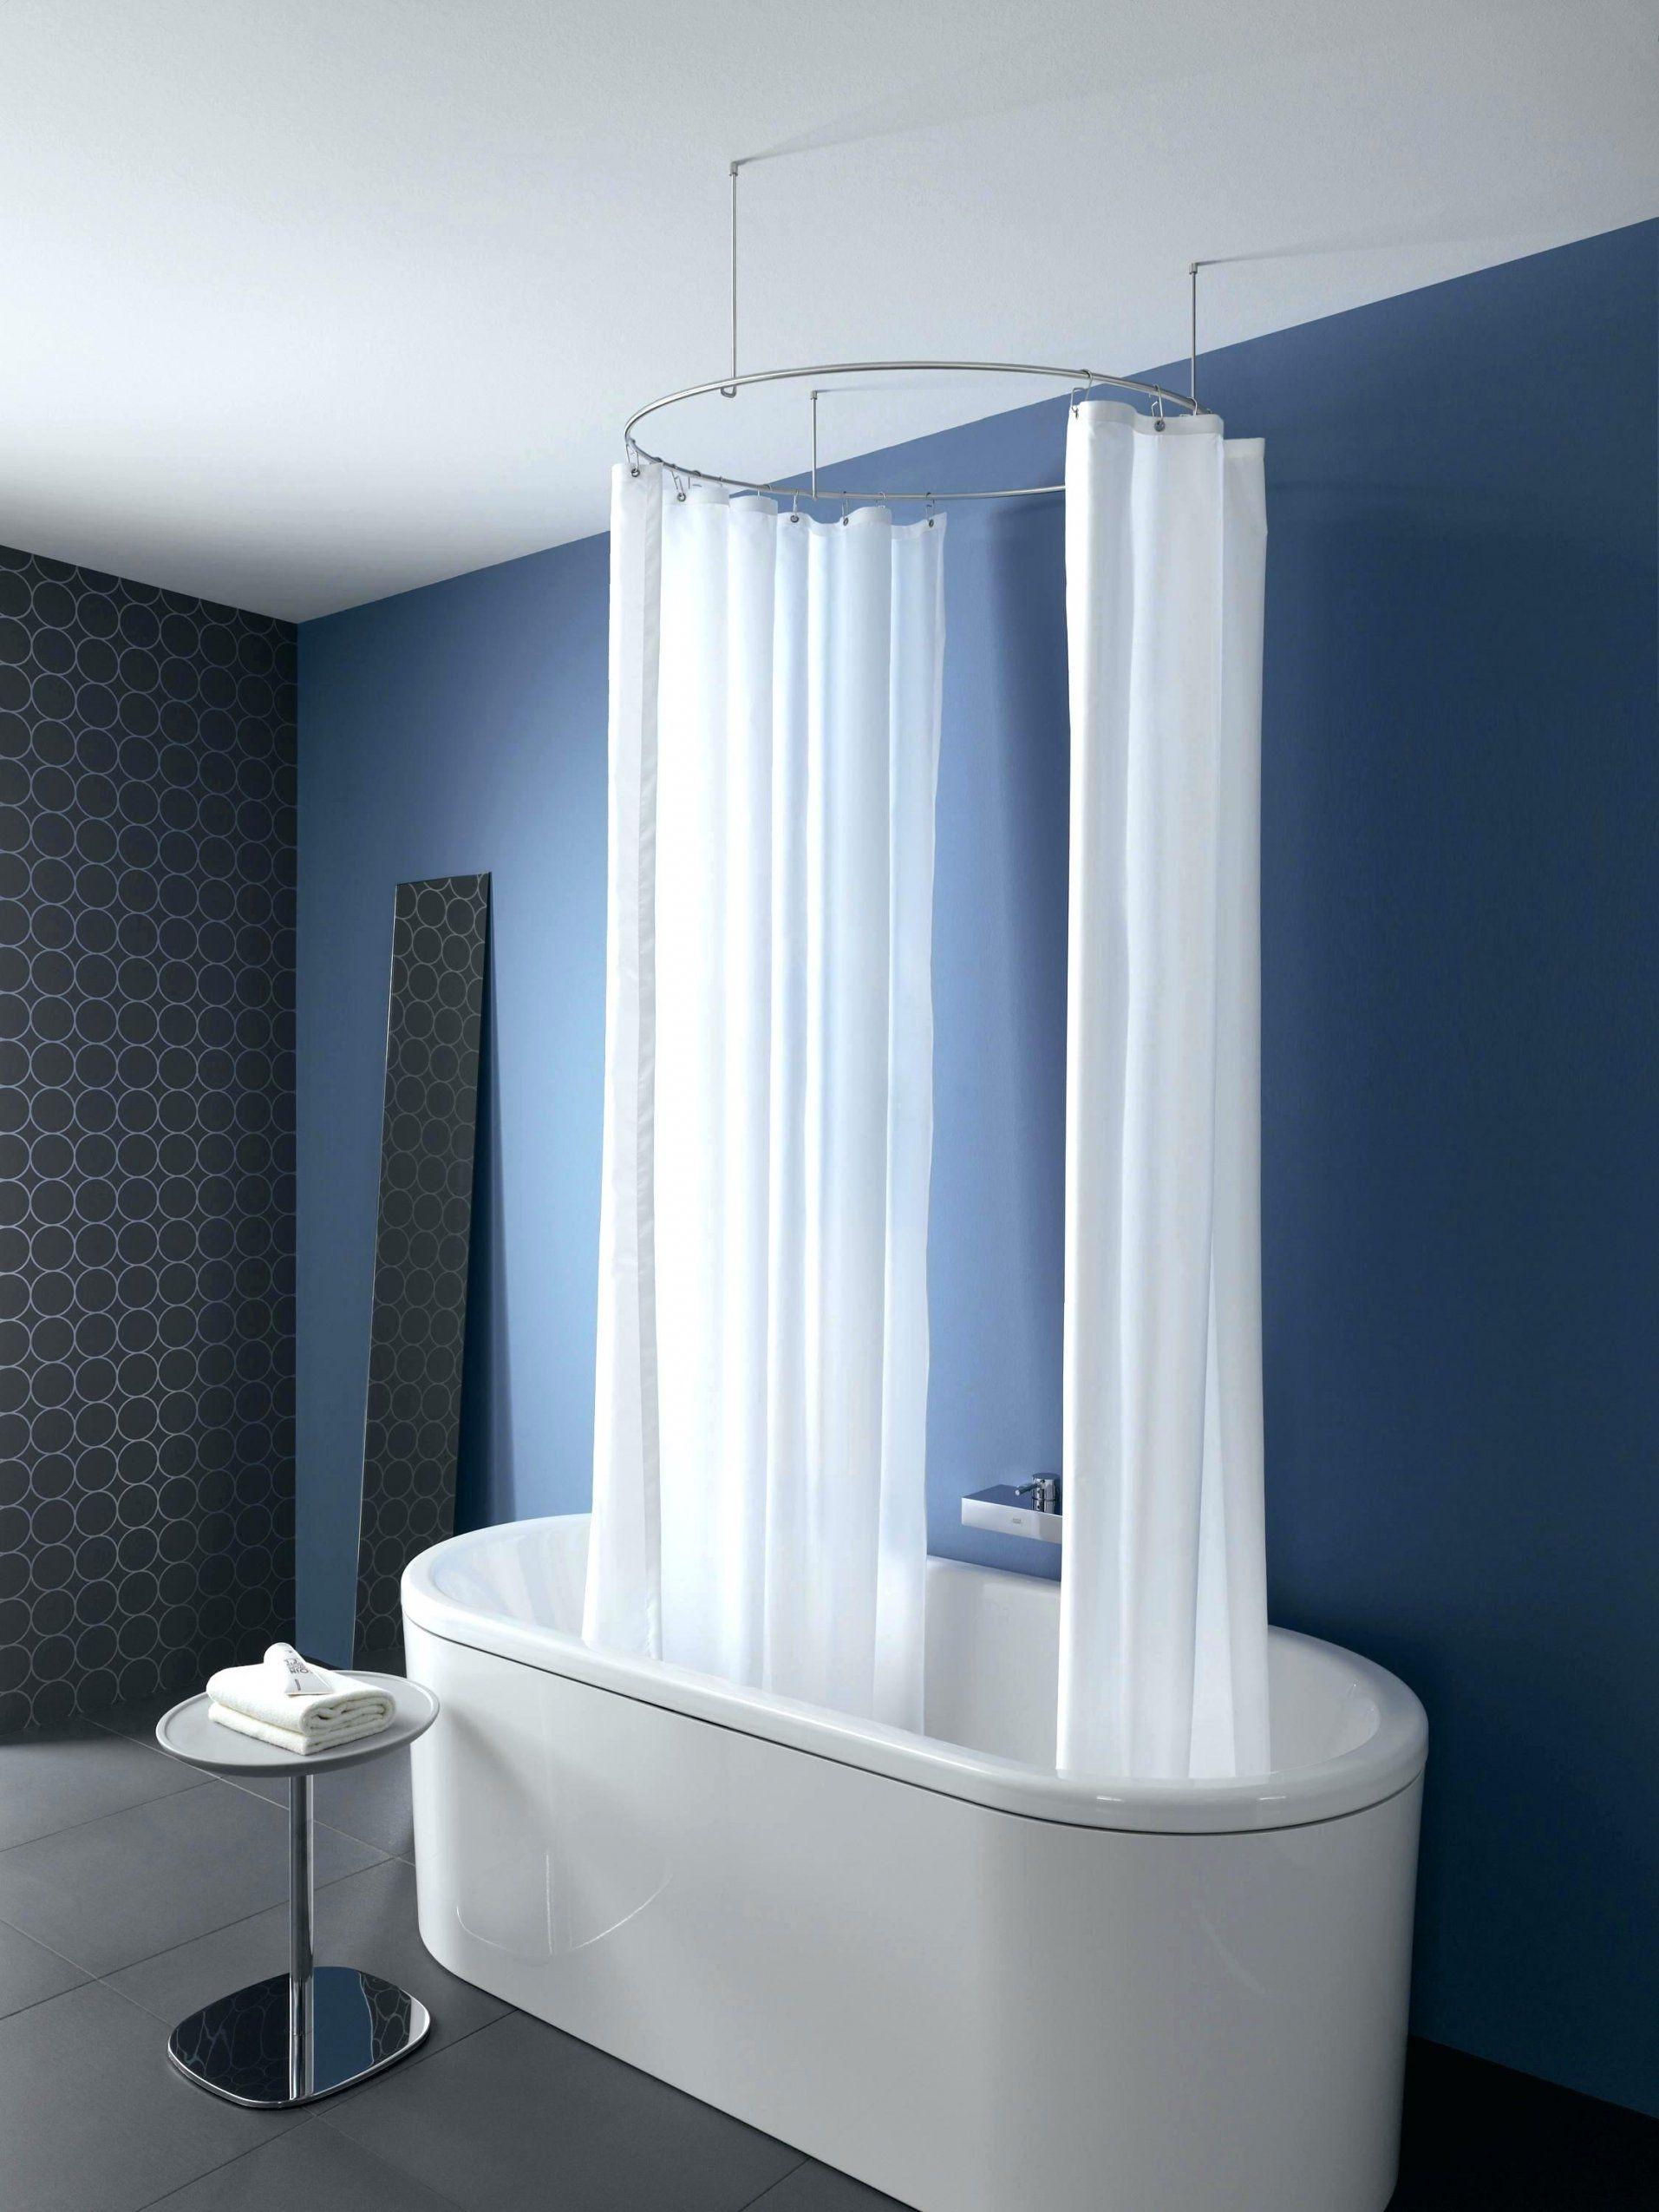 Duschstange Badewanne Duschvorhangstange Drphos Design Shower Duschvorhangstange Duschvorhang Ideen Dusche